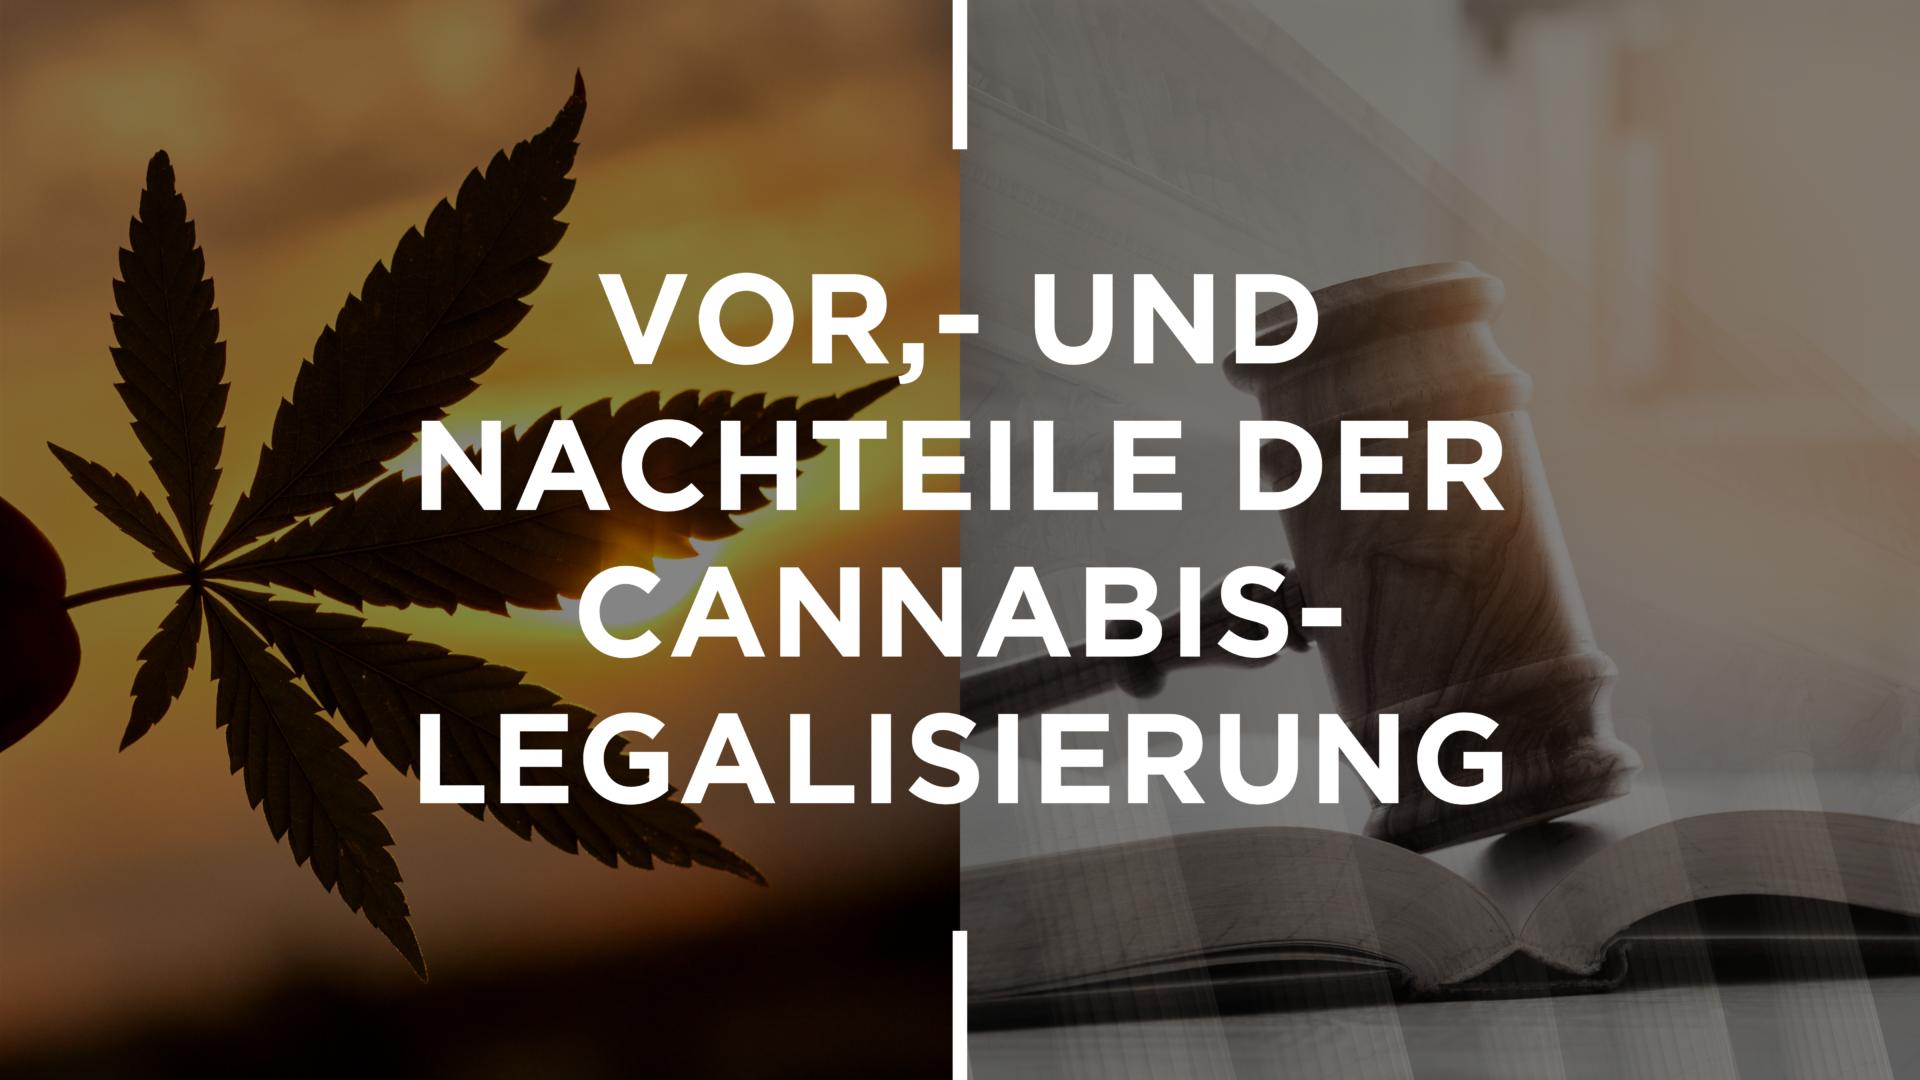 Vor- und Nachteile der Cannabis-Legalisierung